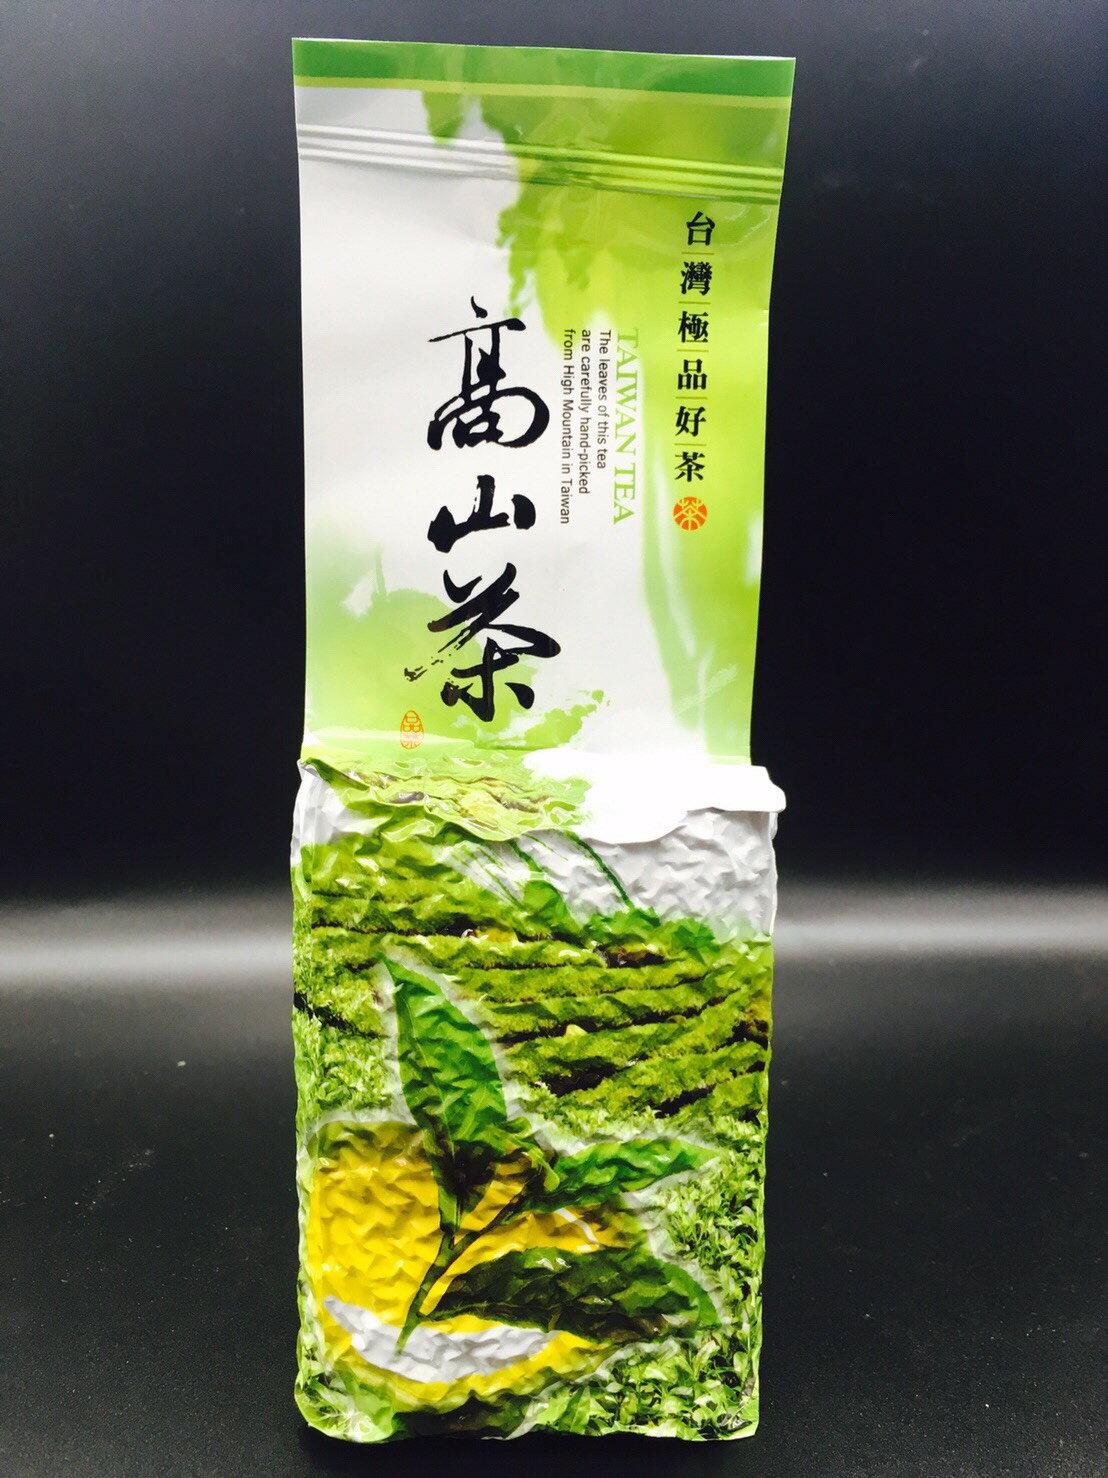 ❤含發票❤ 價❤支持 小農❤南投高山茶 300克❤茶農 阿里山 高山茶 綠茶 烏龍茶 鼎茗